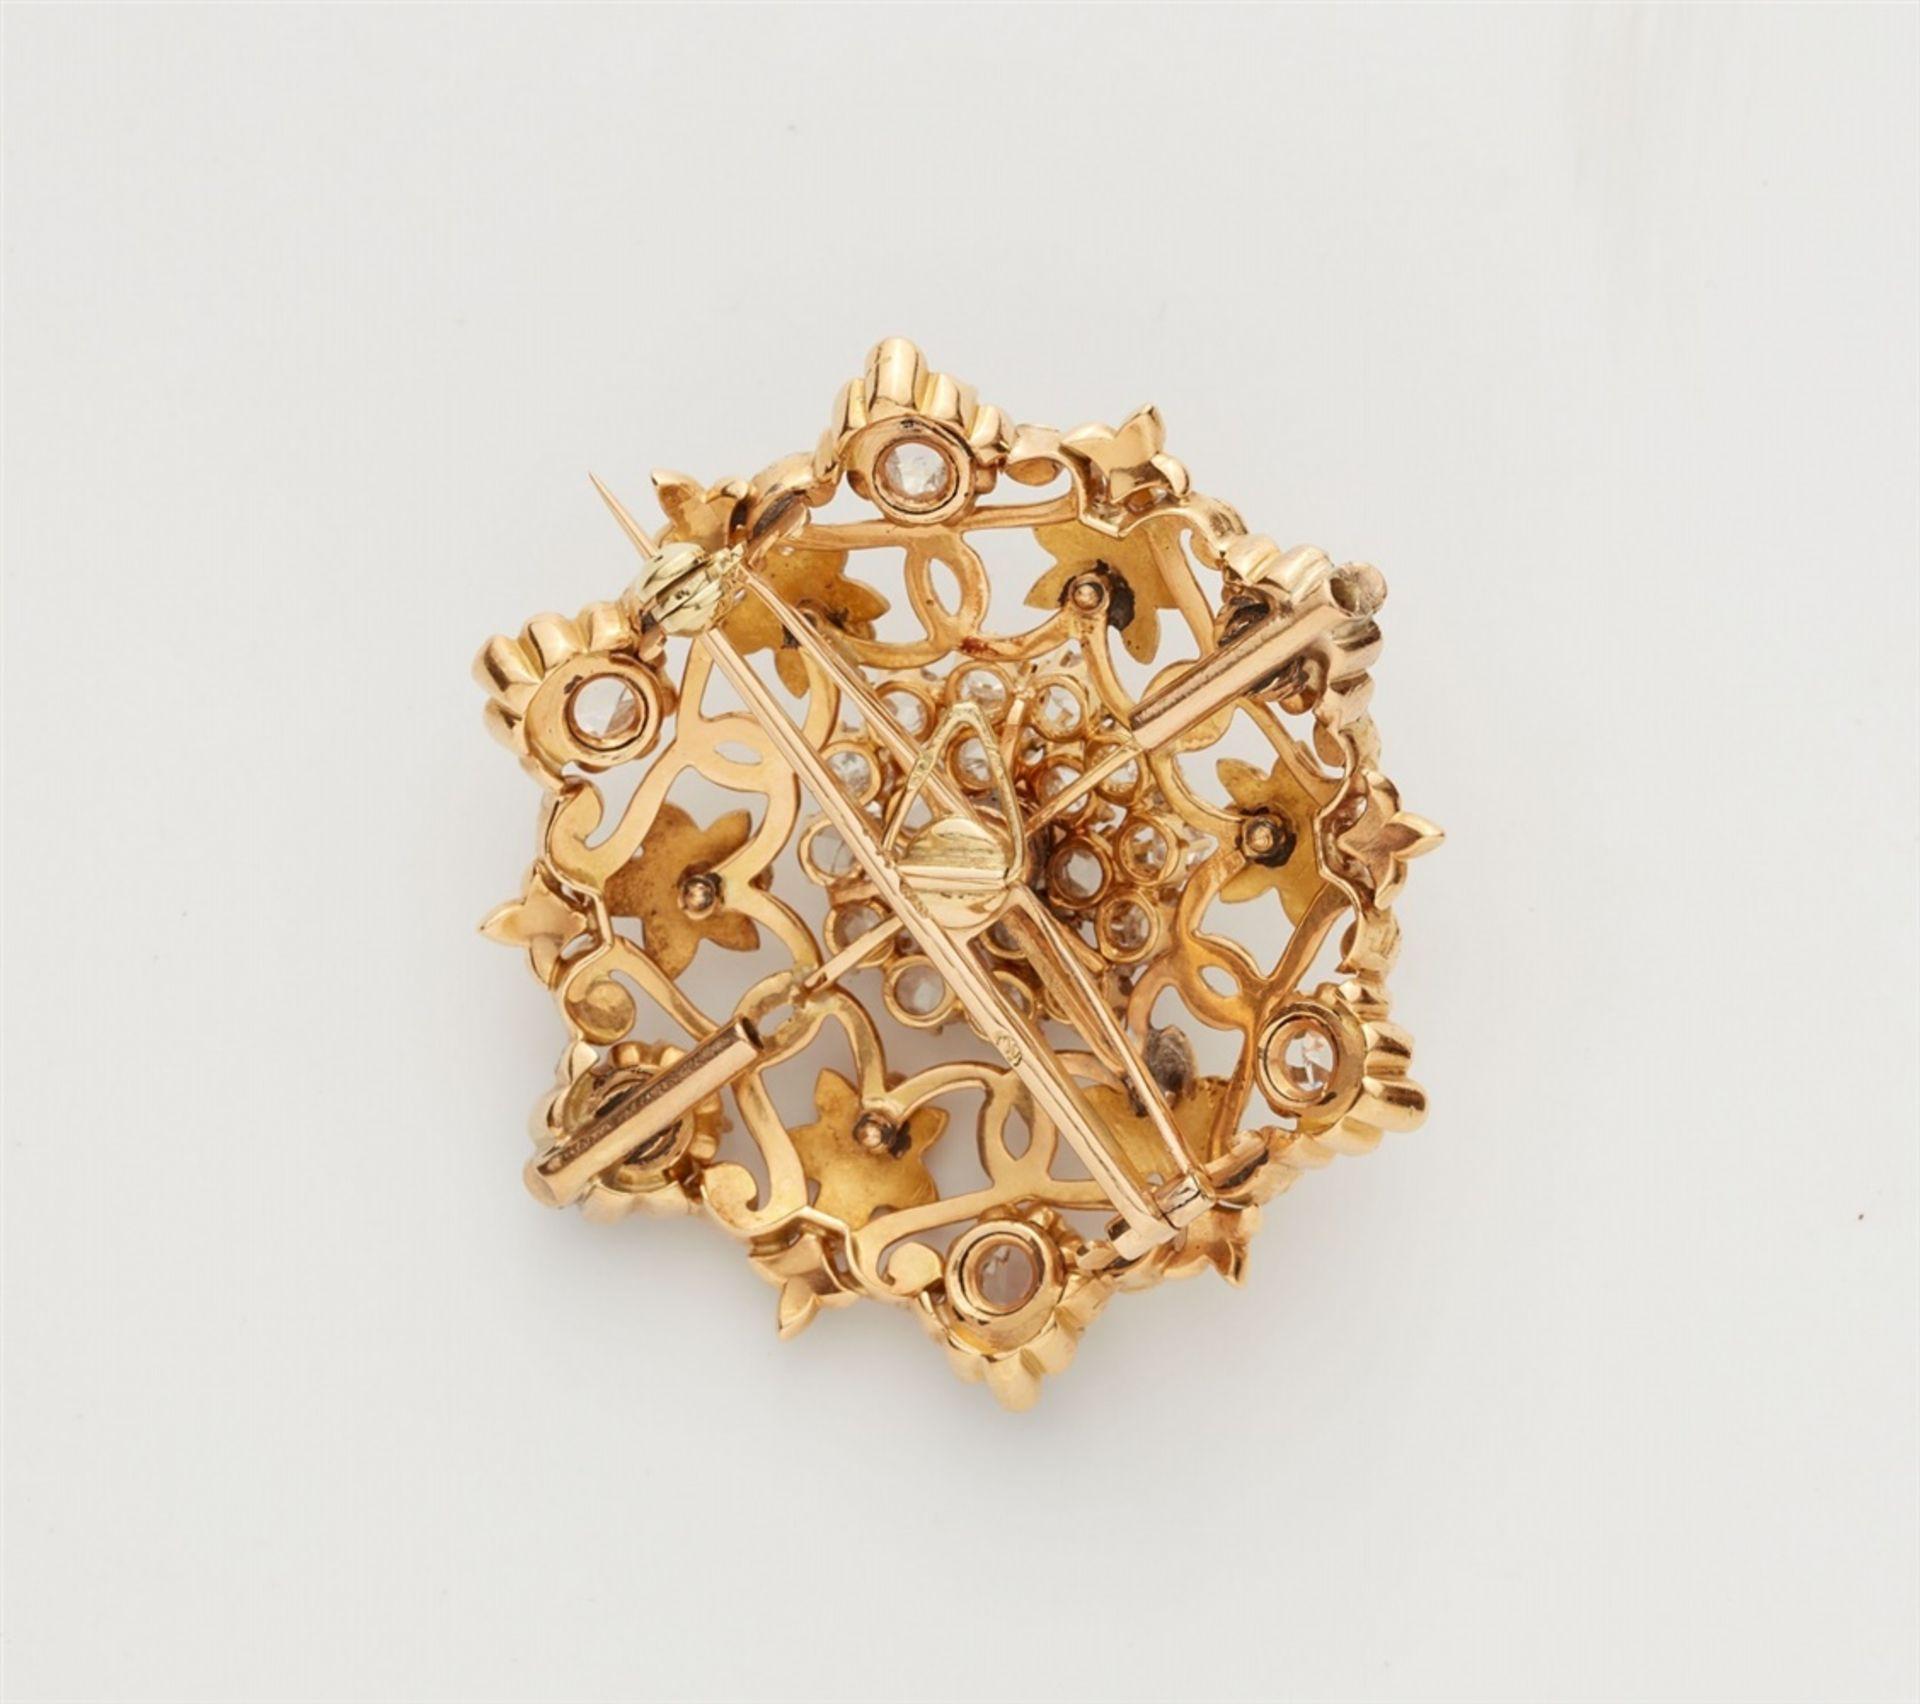 Rosettenbrosche mit Diamanten - Bild 2 aus 2